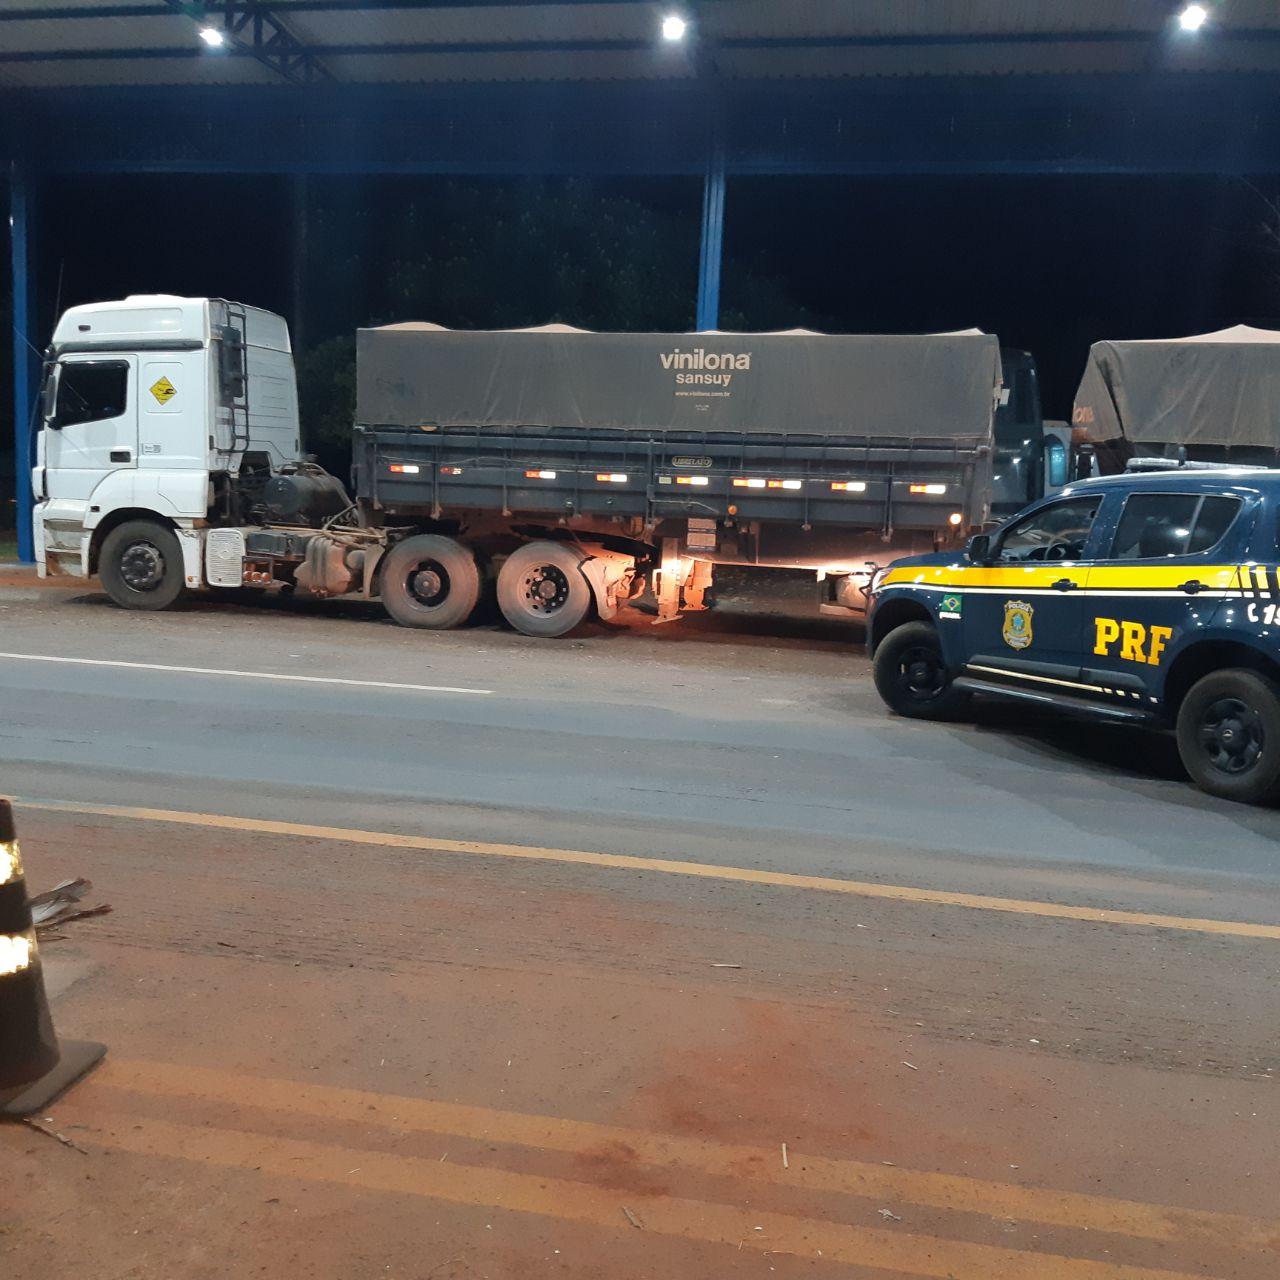 Caminhoneiro é detido pela PRF, em Palmeiras TO, por adulteração de veículo e uso de documento falso